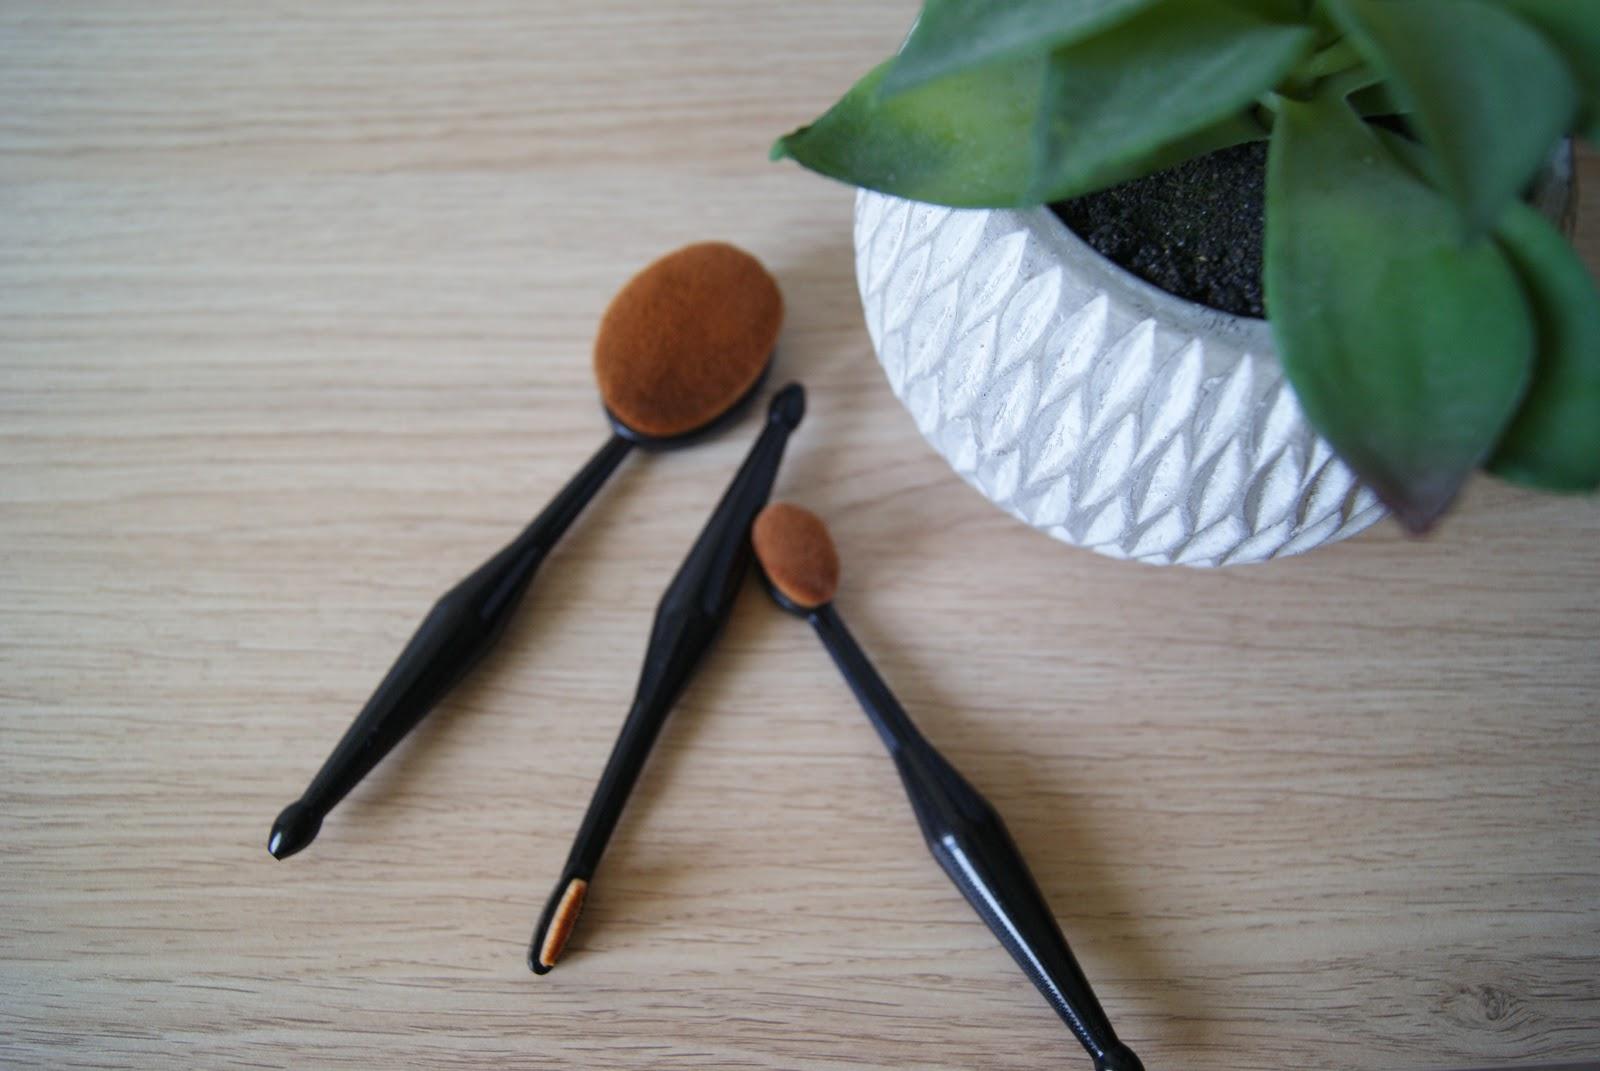 Idéal pour appliquer la base, le fond de teint, le blush, faire le contouring et le strobbing